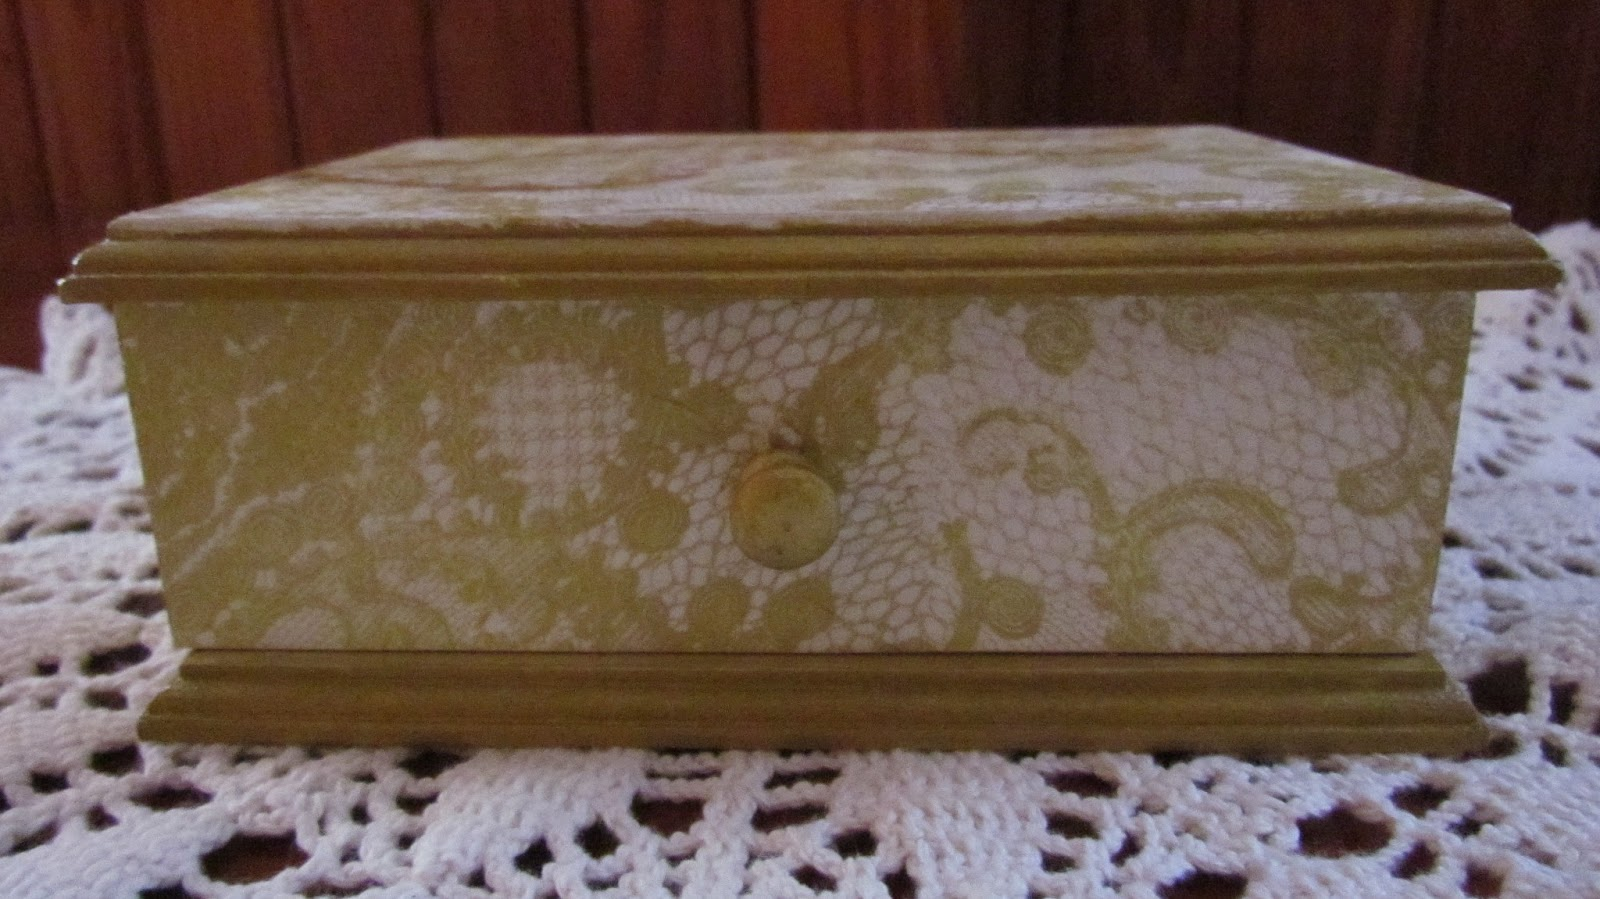 c649a4f408 ... servilleta con diseño de encaje y bordes pintados en acrílicos color  bronce...encima le hice un